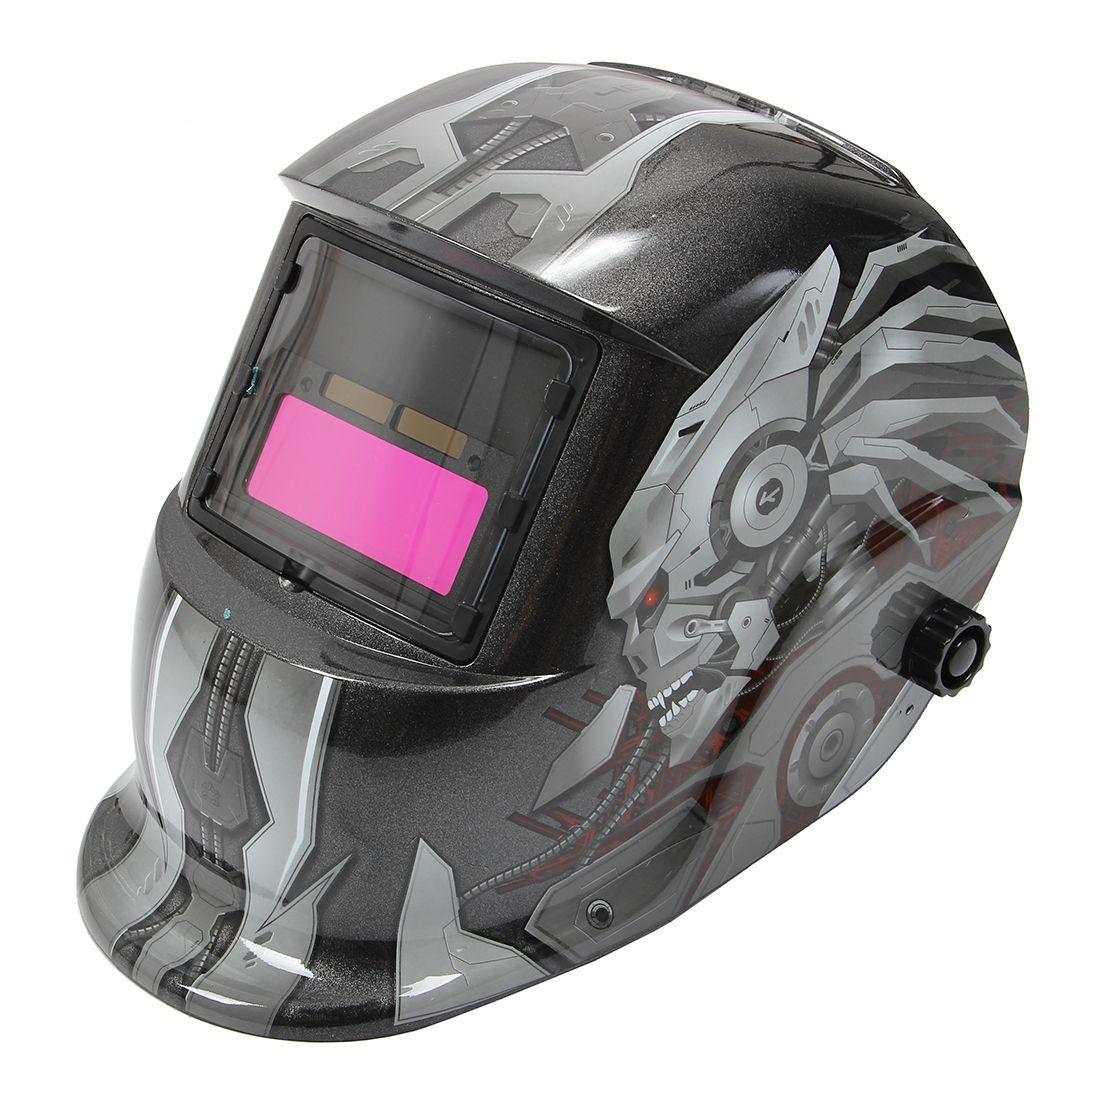 HLZS-Solar Auto Darkening Welding Helmet TIG MIG Weld Welder Lens Grinding Mask